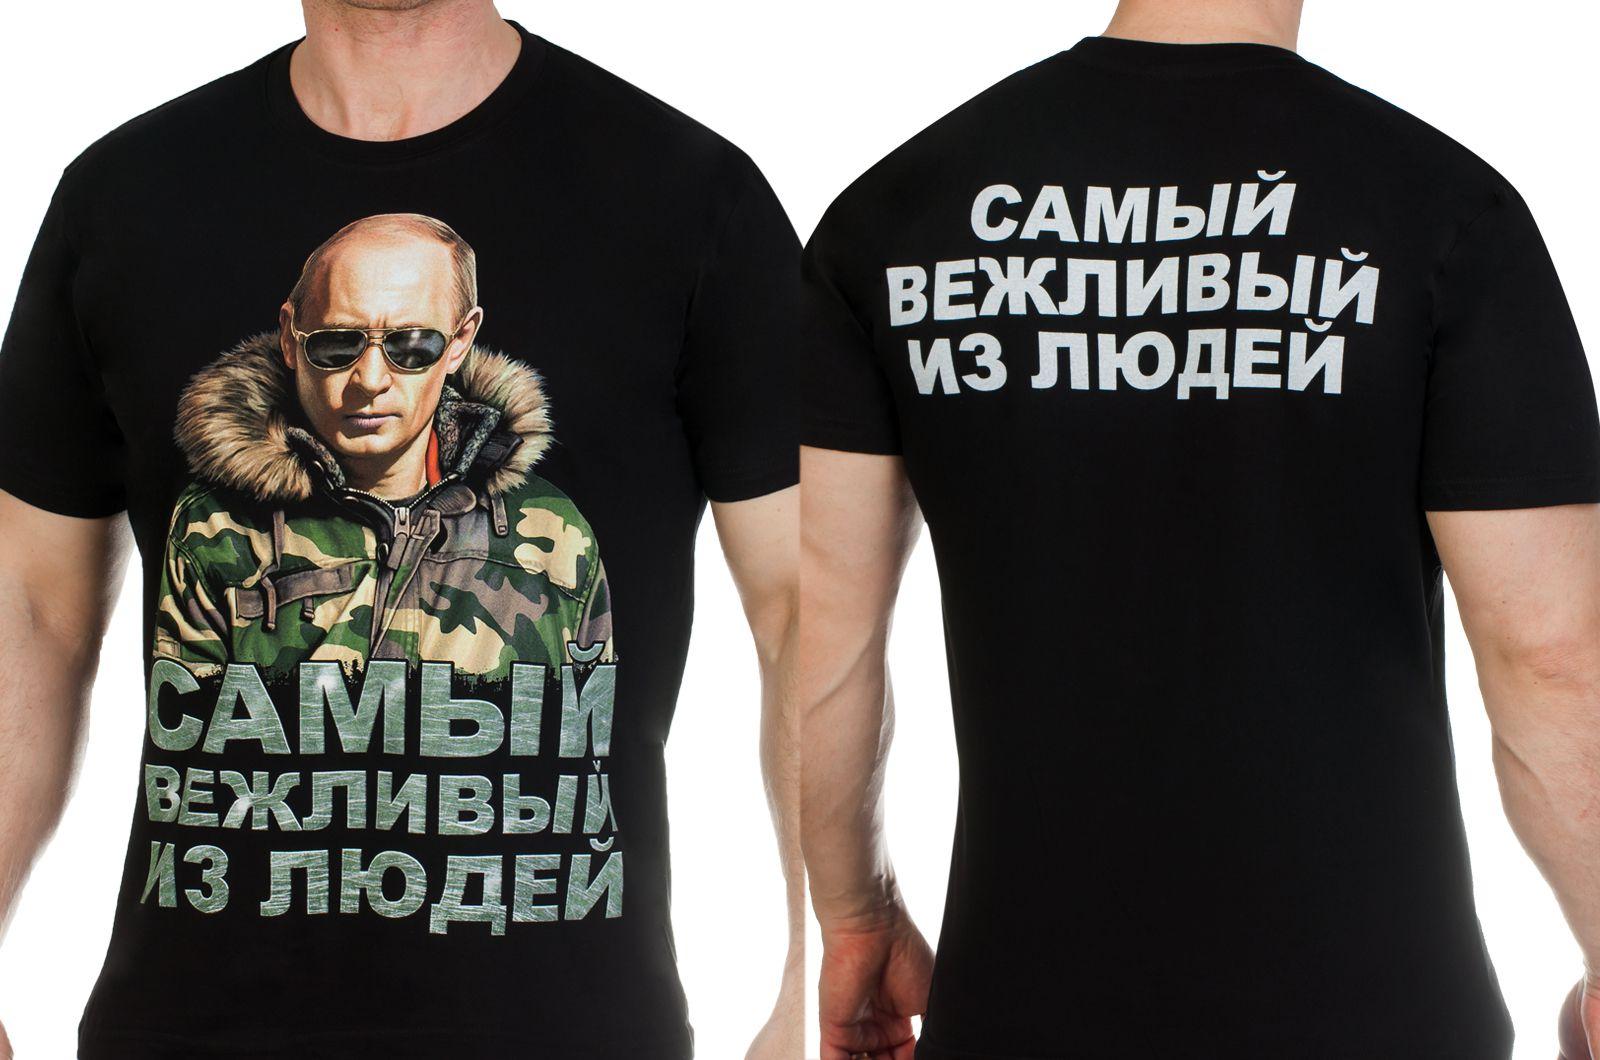 """Заказать футболки """"Путин - самый вежливый человек"""""""